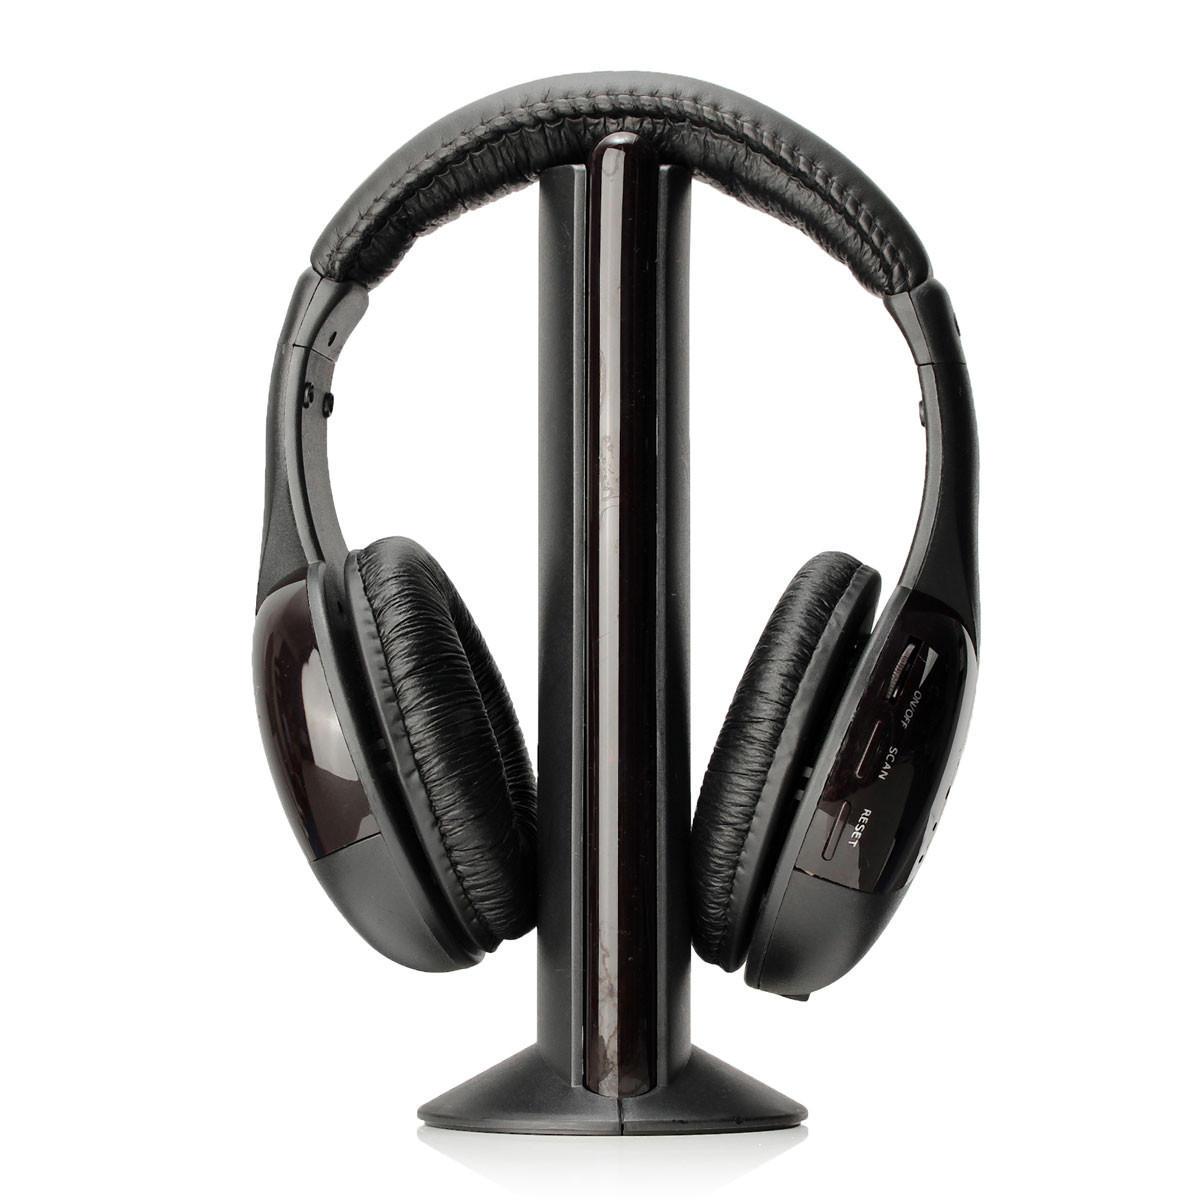 5 in1 Wireless Earphone Headset Headphone For Laptop PC